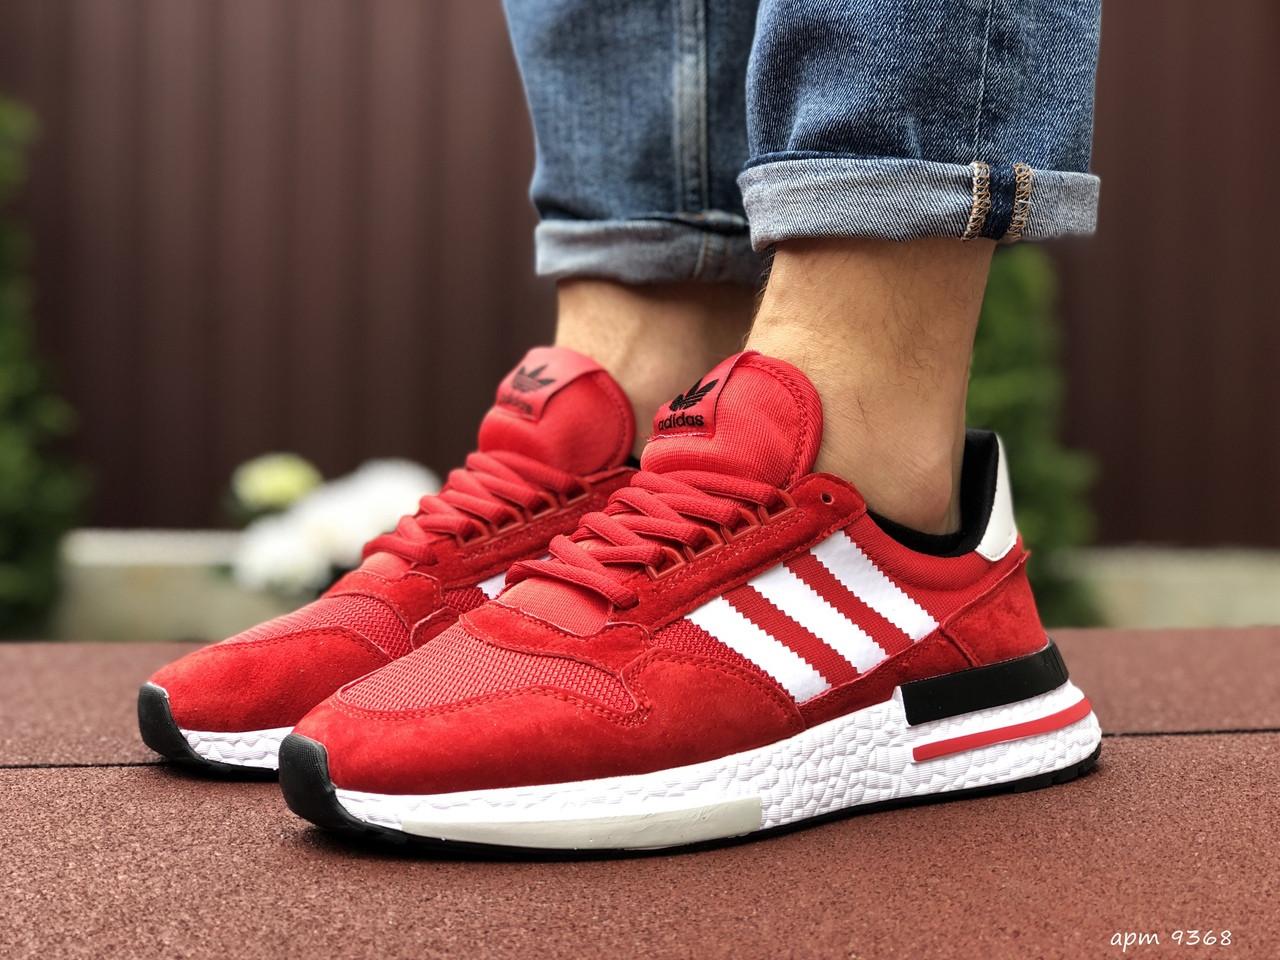 Чоловічі кросівки Adidas Zx 500 Rm, червоні / кросівки чоловічі адідас (Топ репліка ААА+)